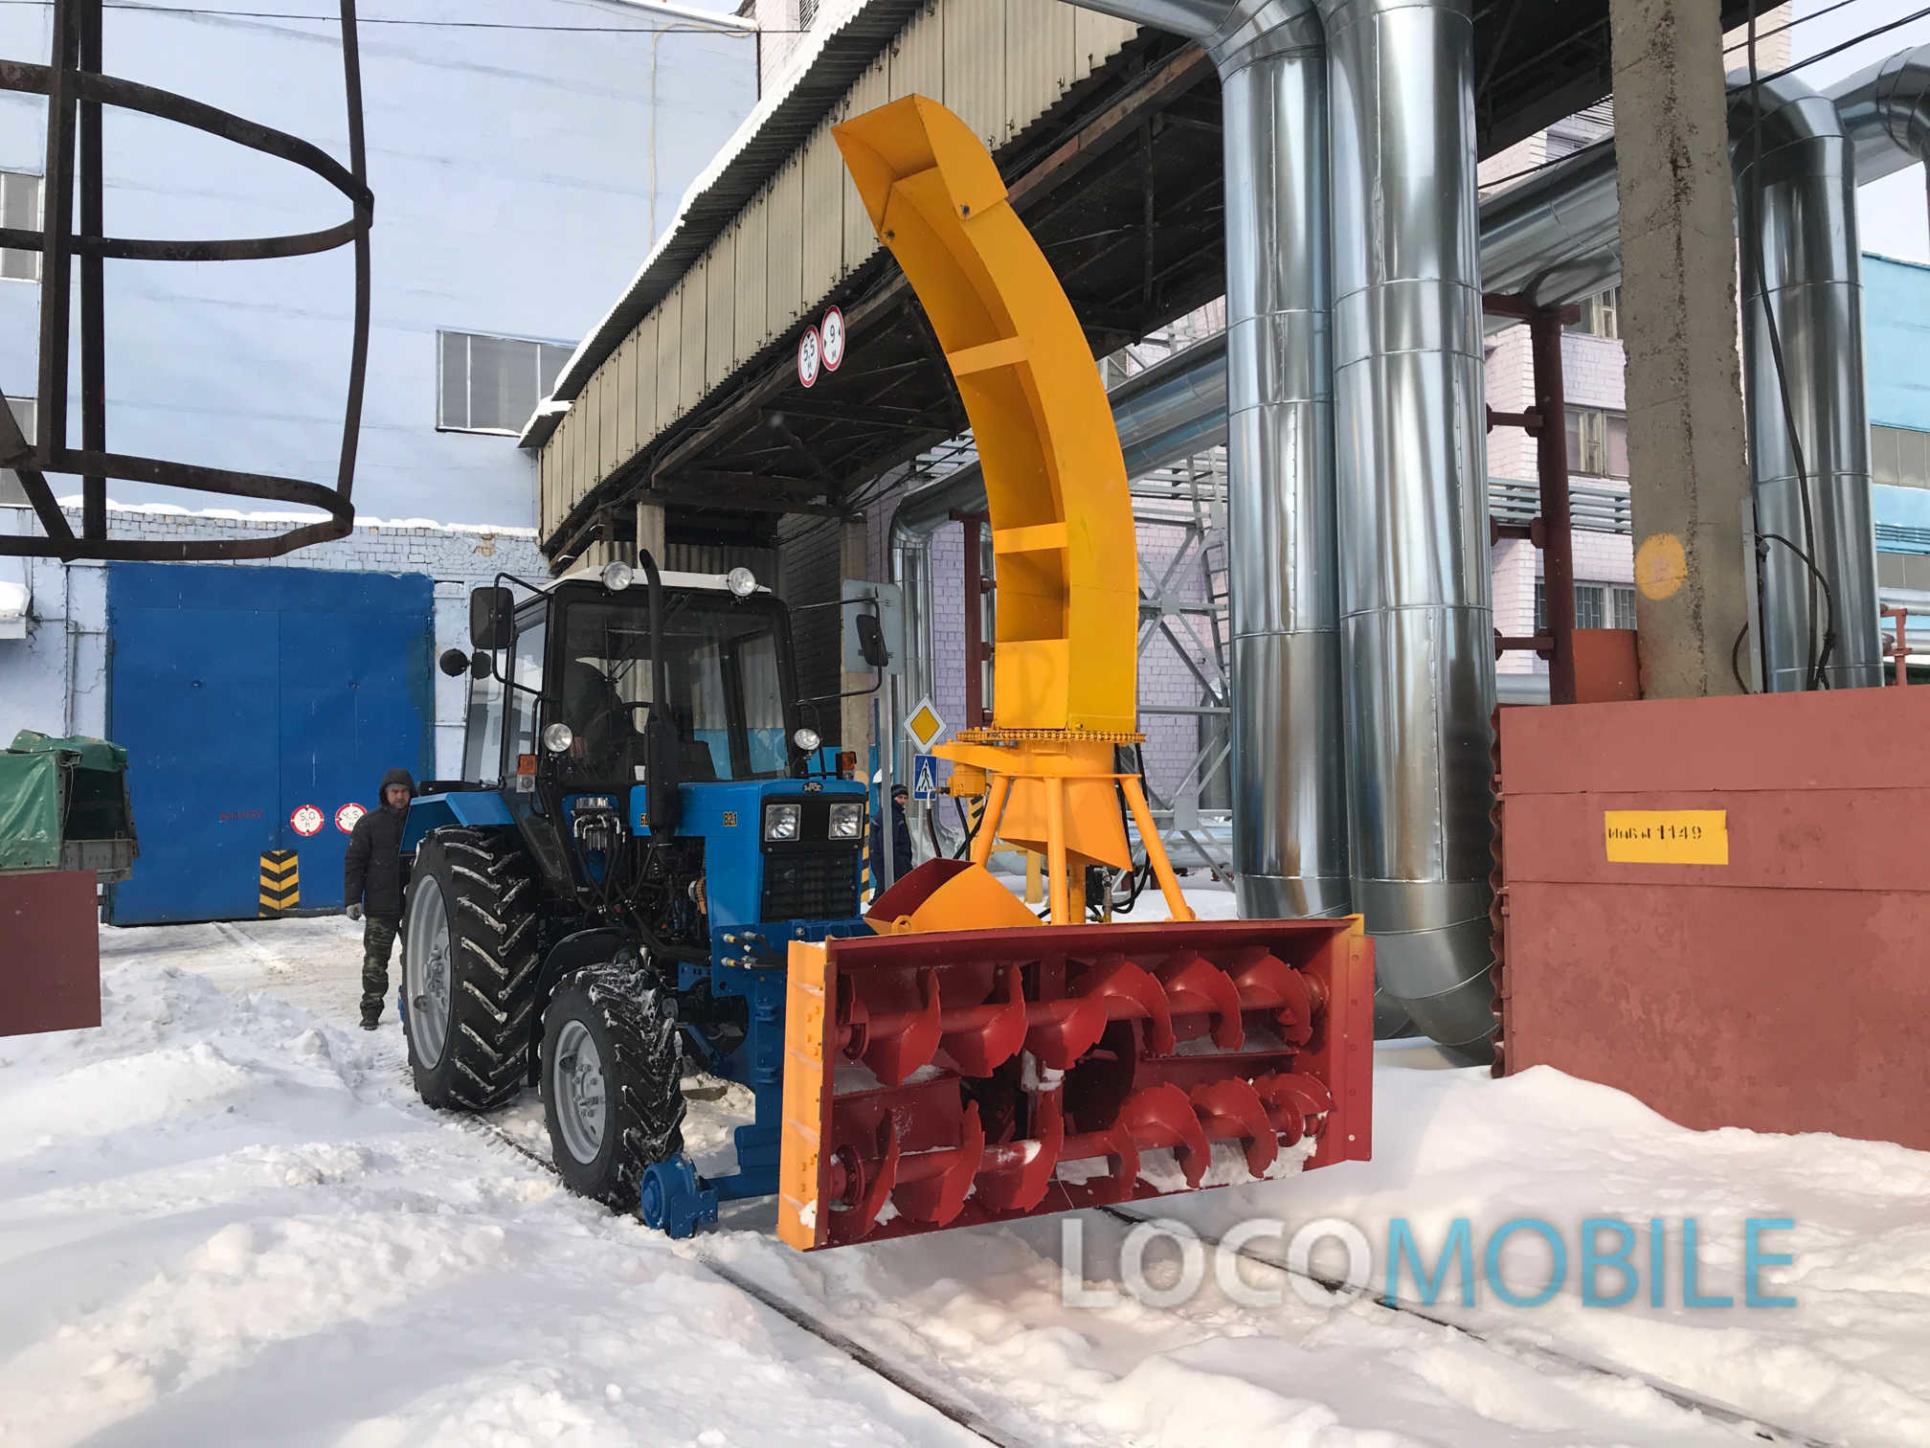 Шнекороторный снегоочиститель (ФРС-200) является навесным быстросъемным рабочим органом для монтажа на переднюю навеску рельсового коммунального трактора (локомобиля) и предназначено для очистки шпальной решетки и рельсов железных дорог колеи 1520 мм (1435 мм) от снега. ФРС может применяться для удаления снега с покрытия автомобильных дорог общего пользования.